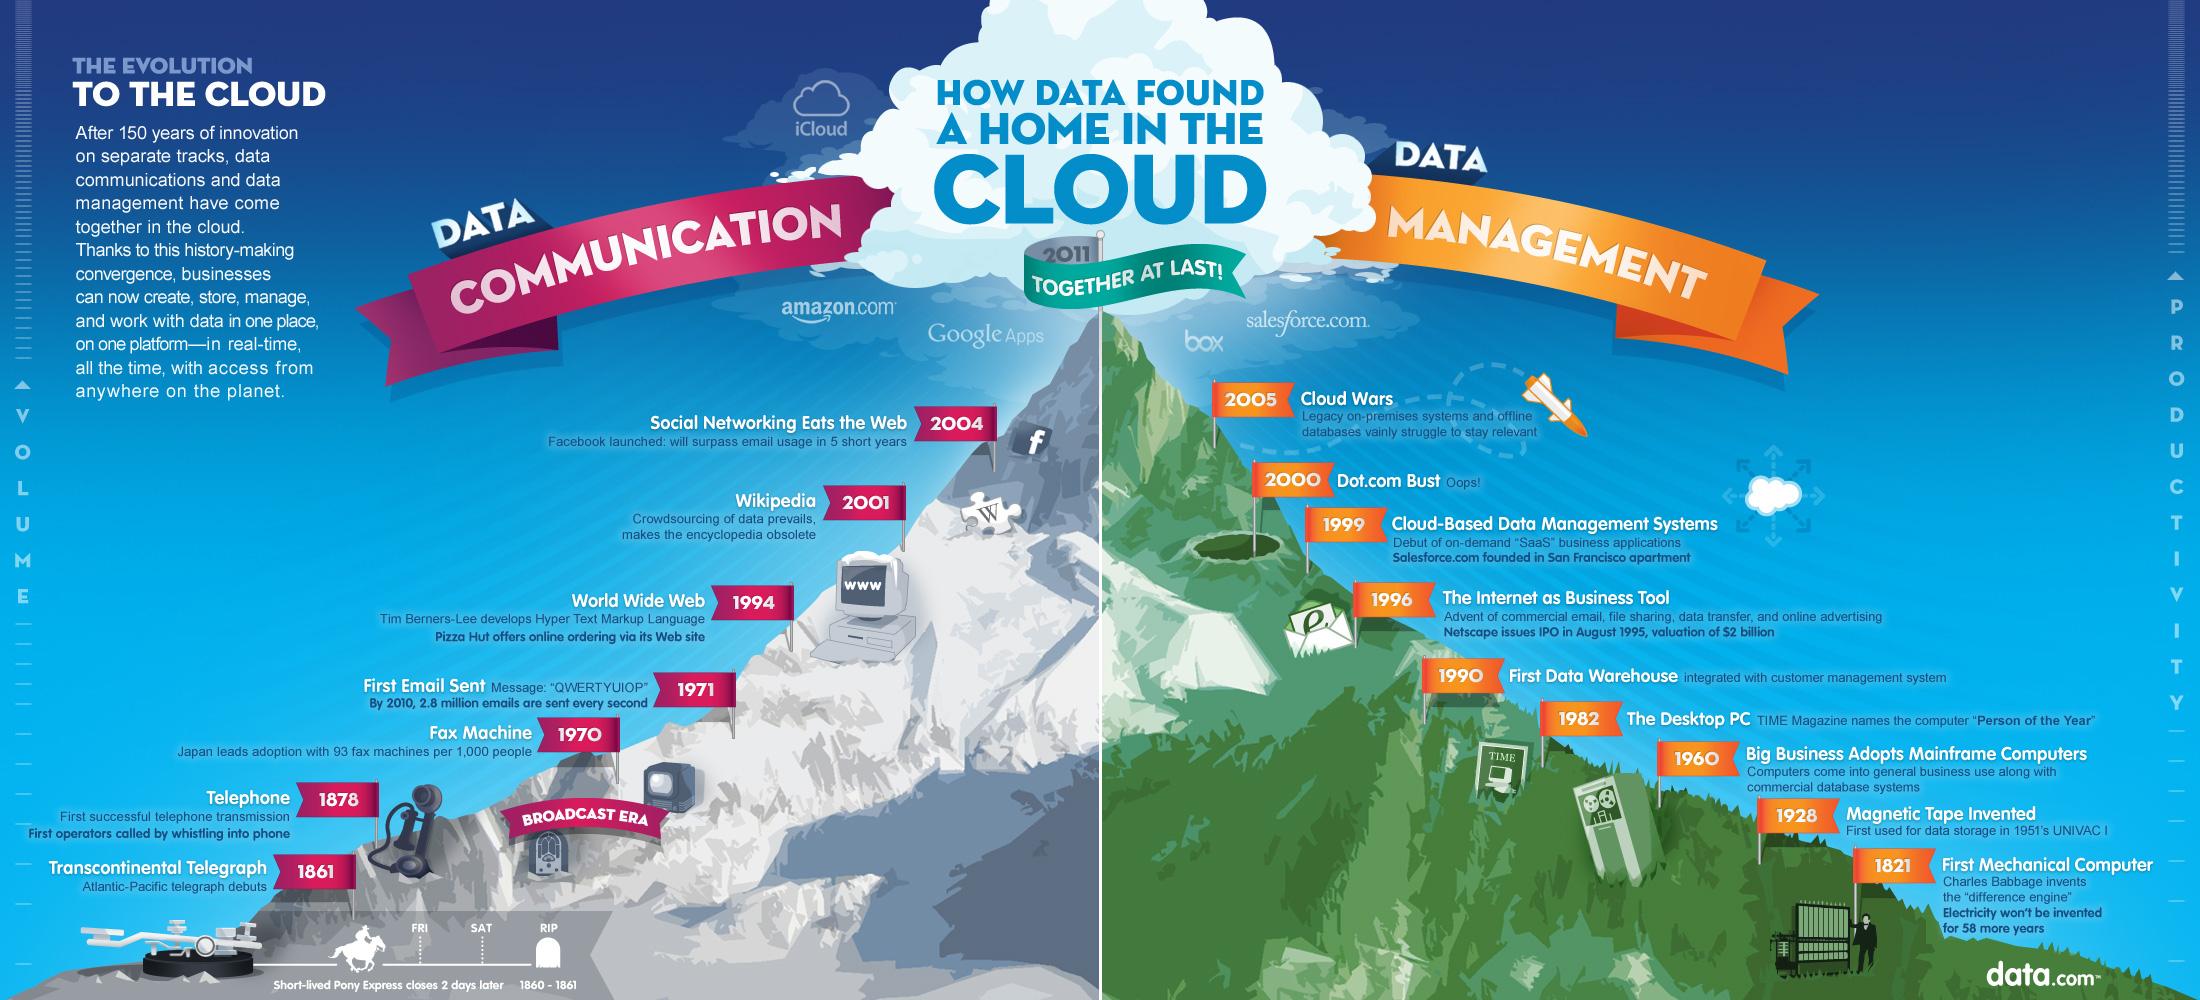 Infografika společnosti data.com z roku 2011 věnovaná historickému vývoji datových a komunikačních služeb a nástrojů